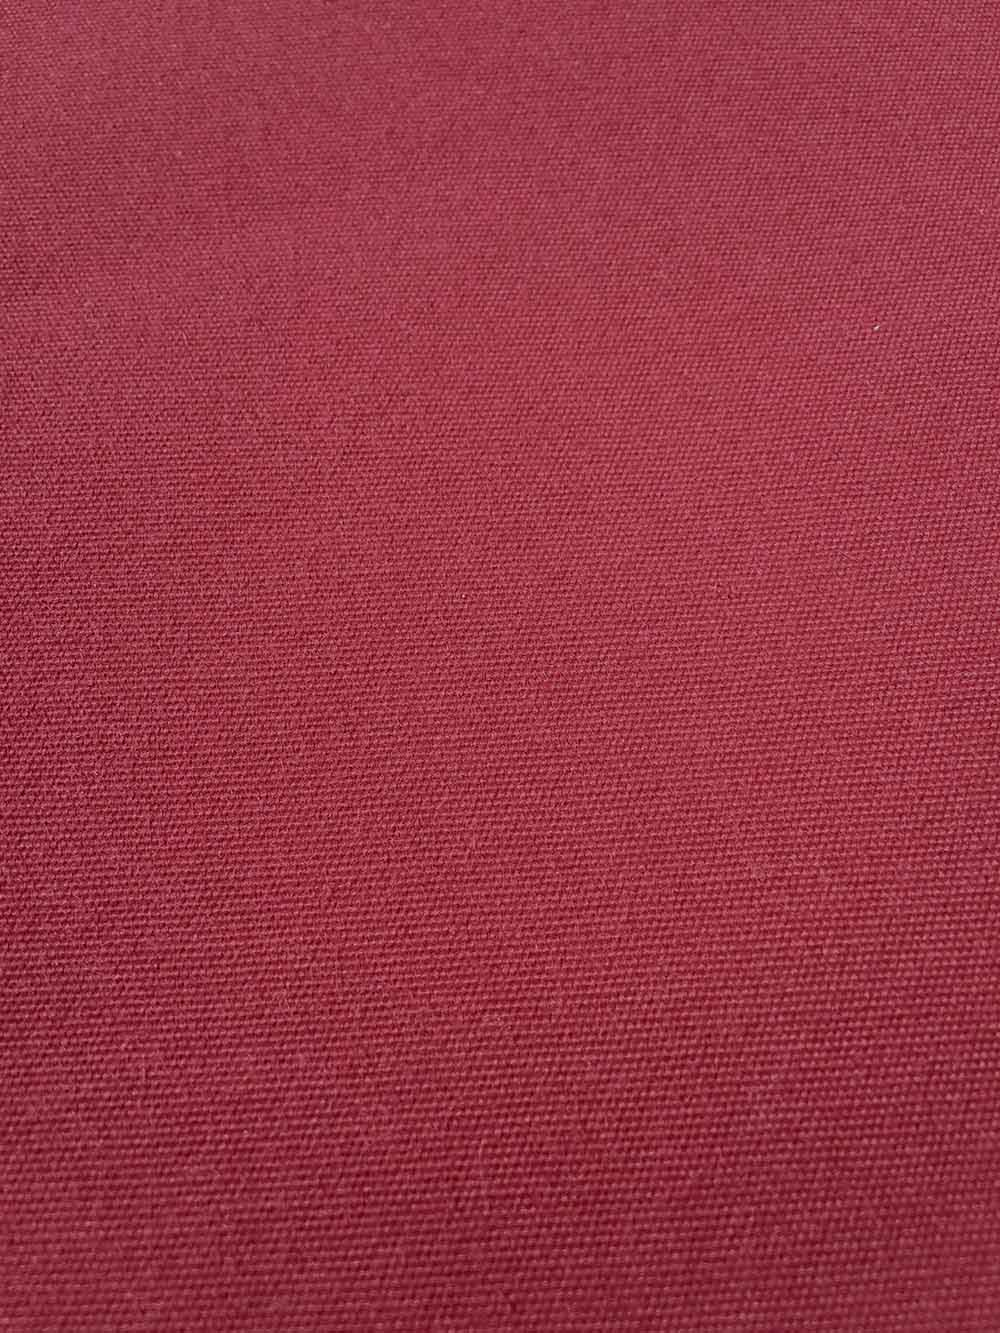 acryl doek bordeaux rood